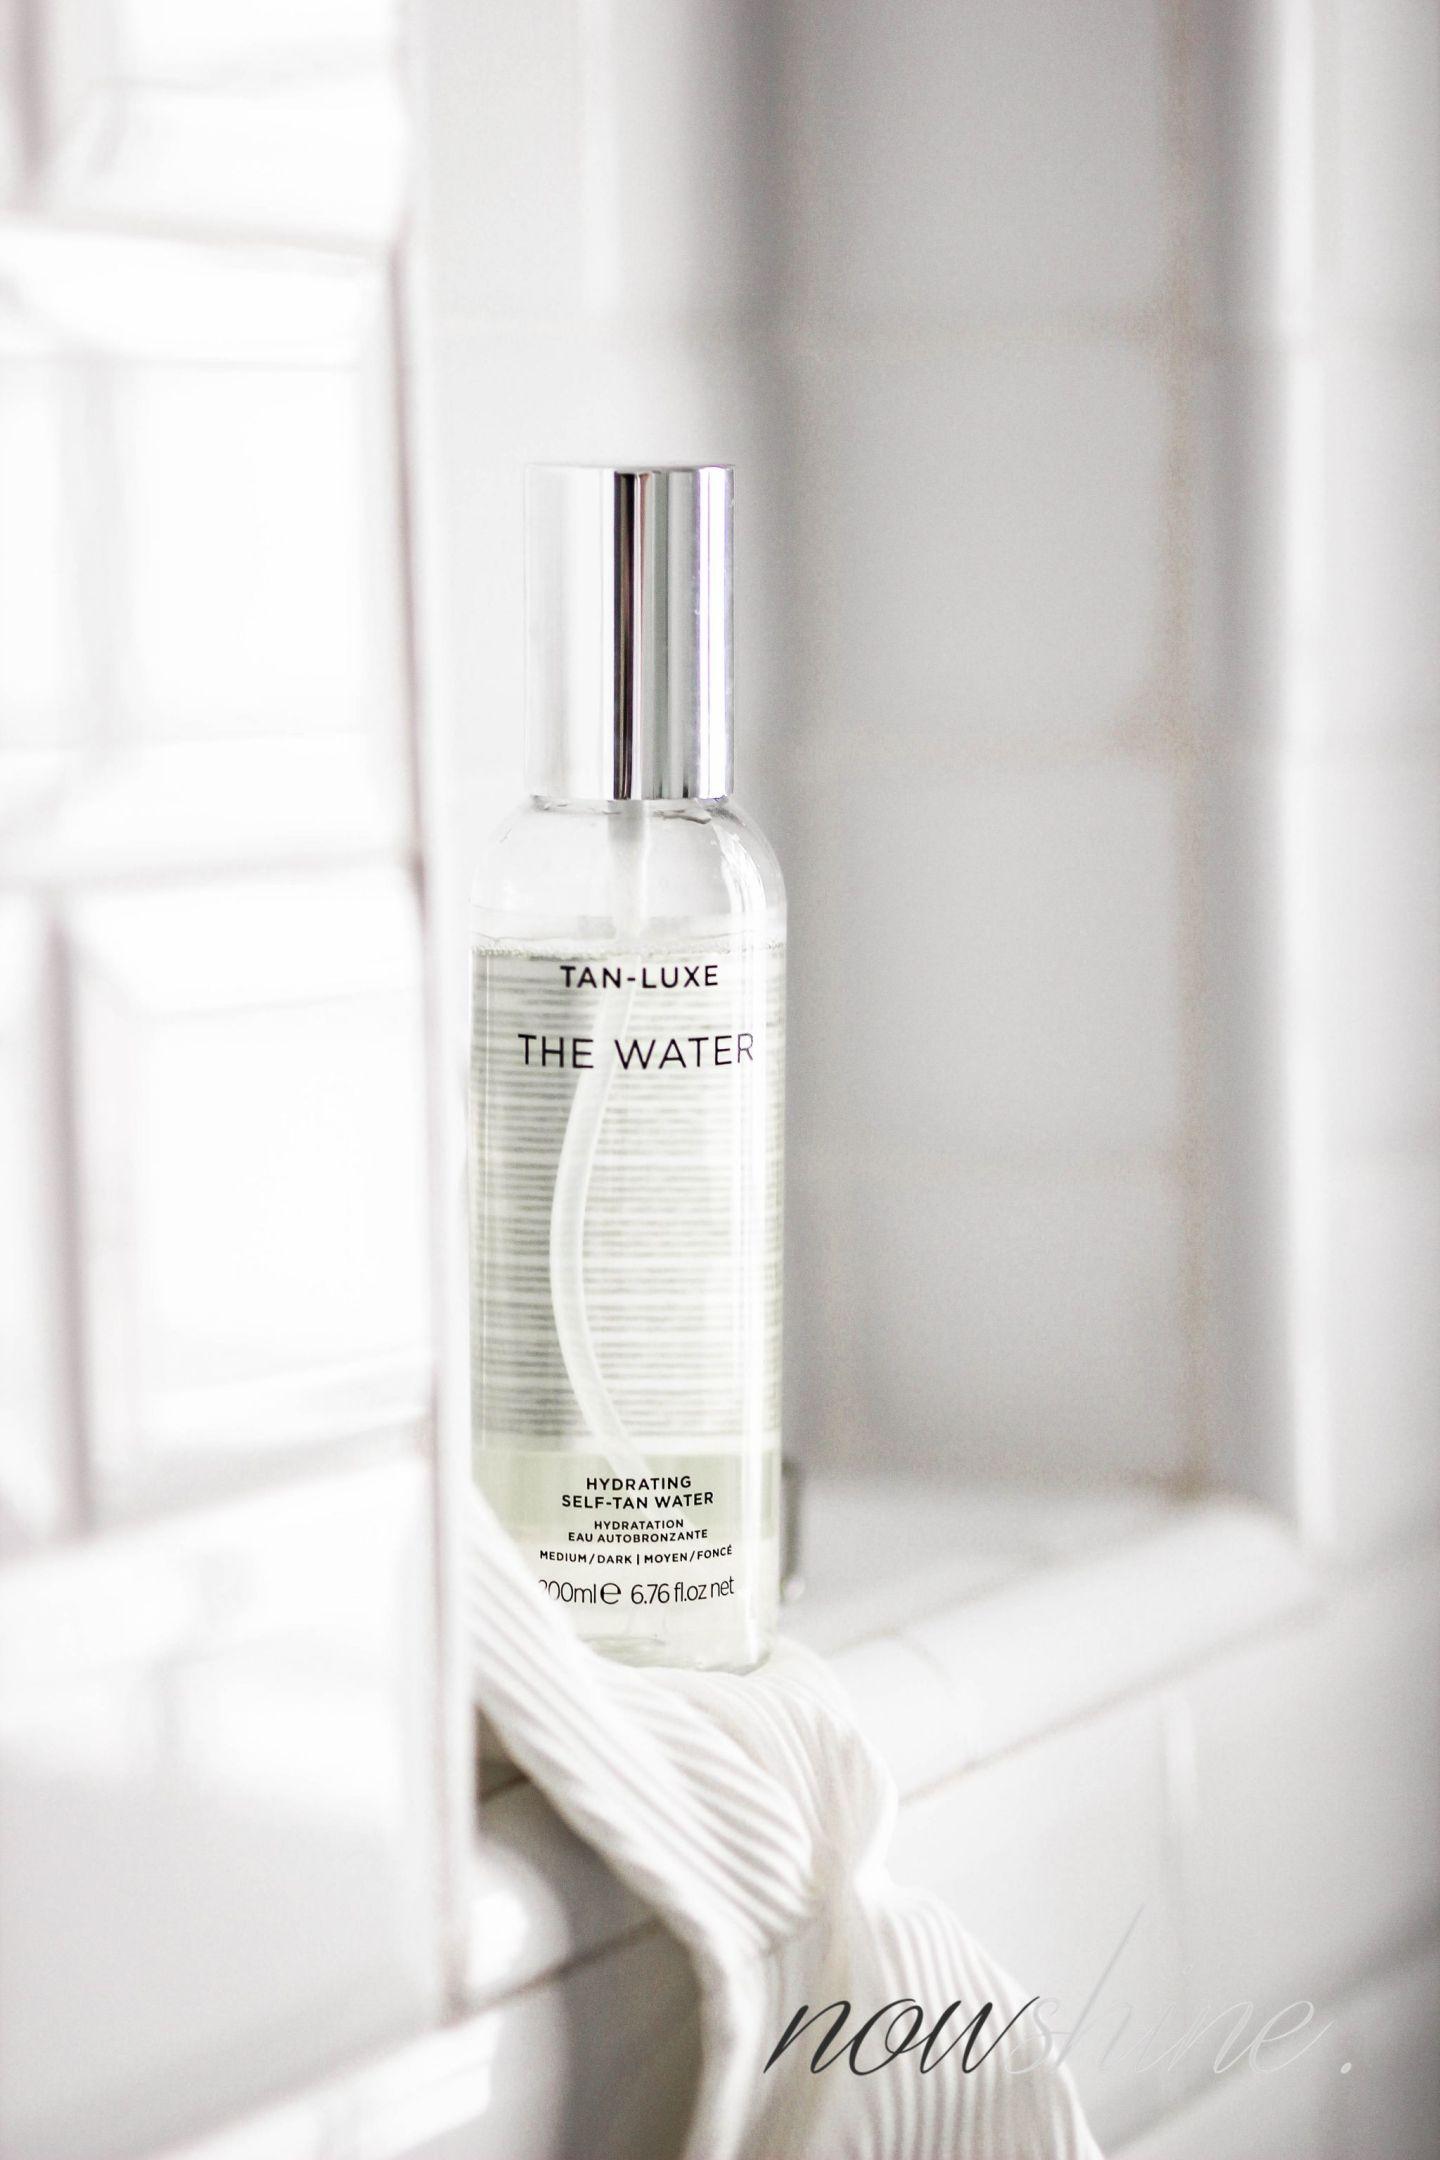 Selbstbräuner für die Beine von Veralice - The Water von Tan Luxe